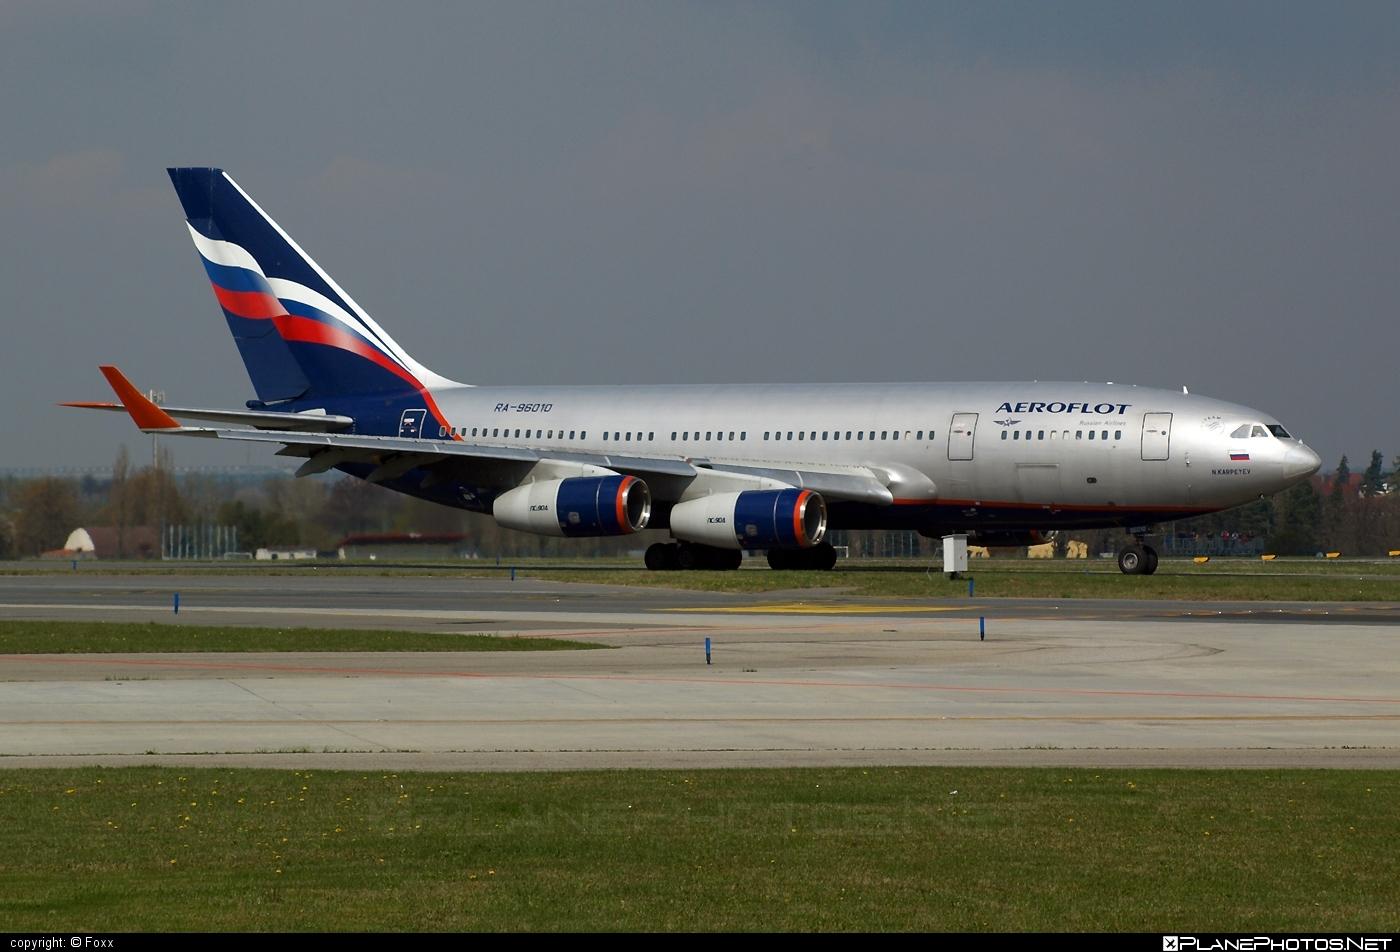 Ilyushin Il-96-300 - RA-96010 operated by Aeroflot #aeroflot #il96 #il96300 #ilyushin